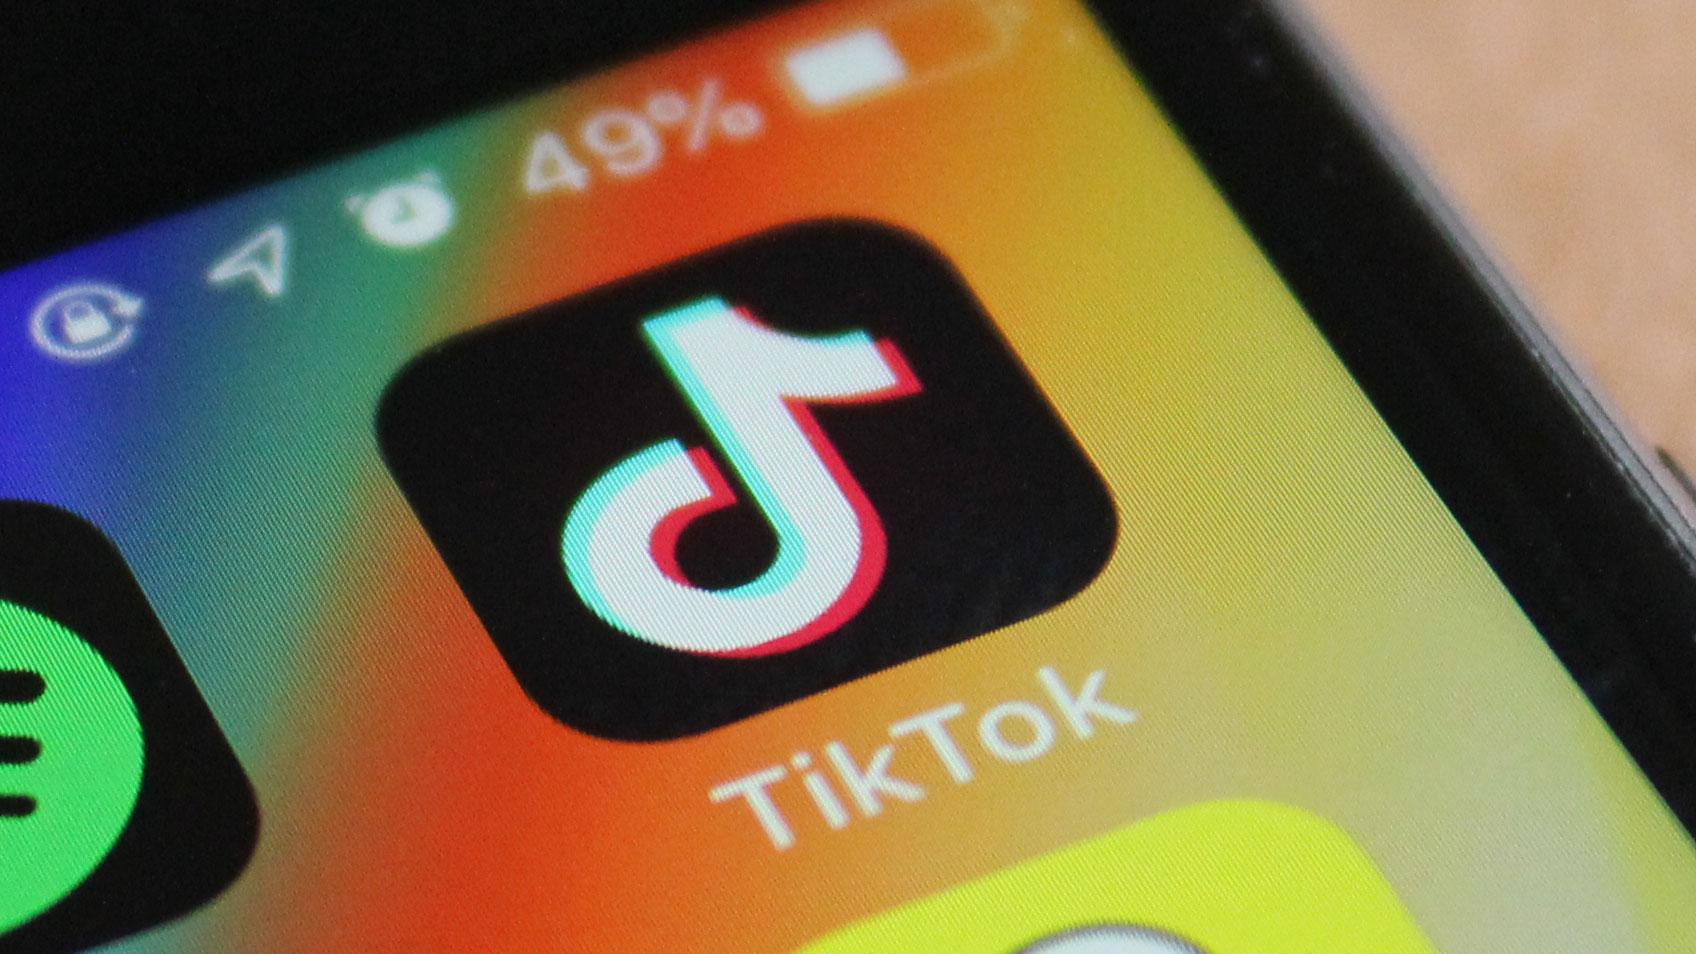 Recentemente, o TikTok mudou as regras para usuários entre 13 e 15 anos.